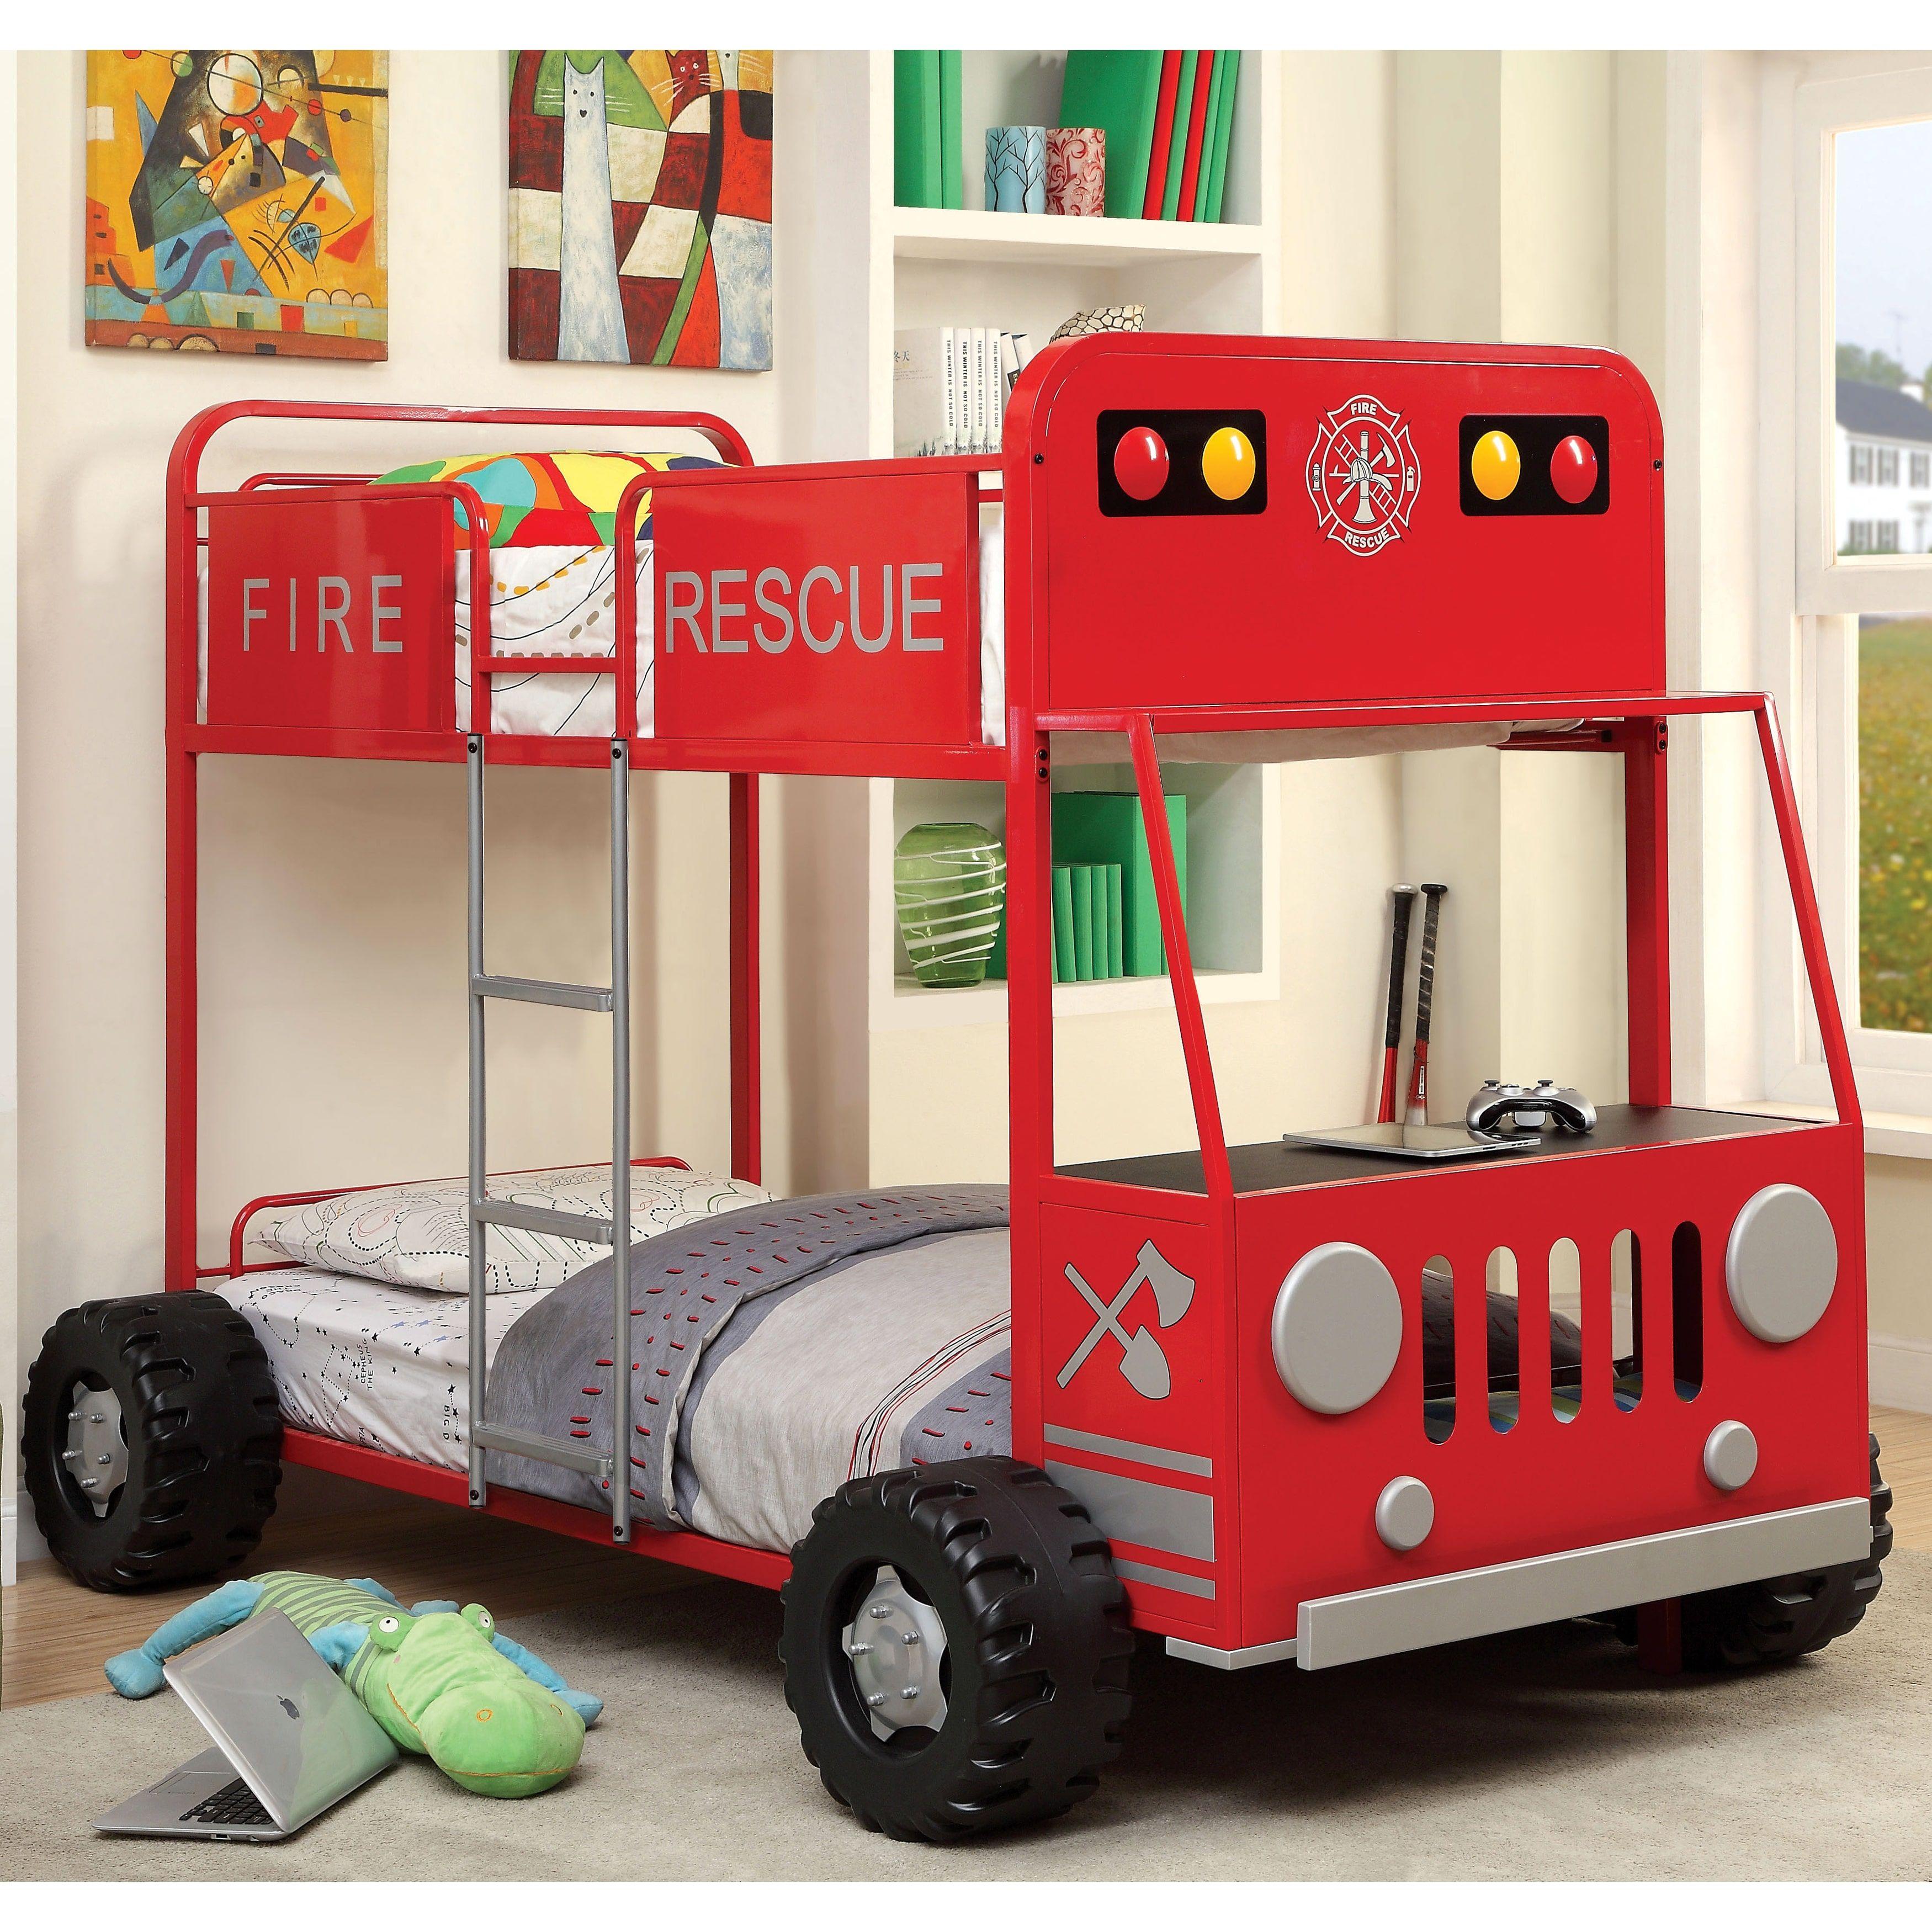 Furniture of America Rescue Team Fire Truck Metal / Bunk